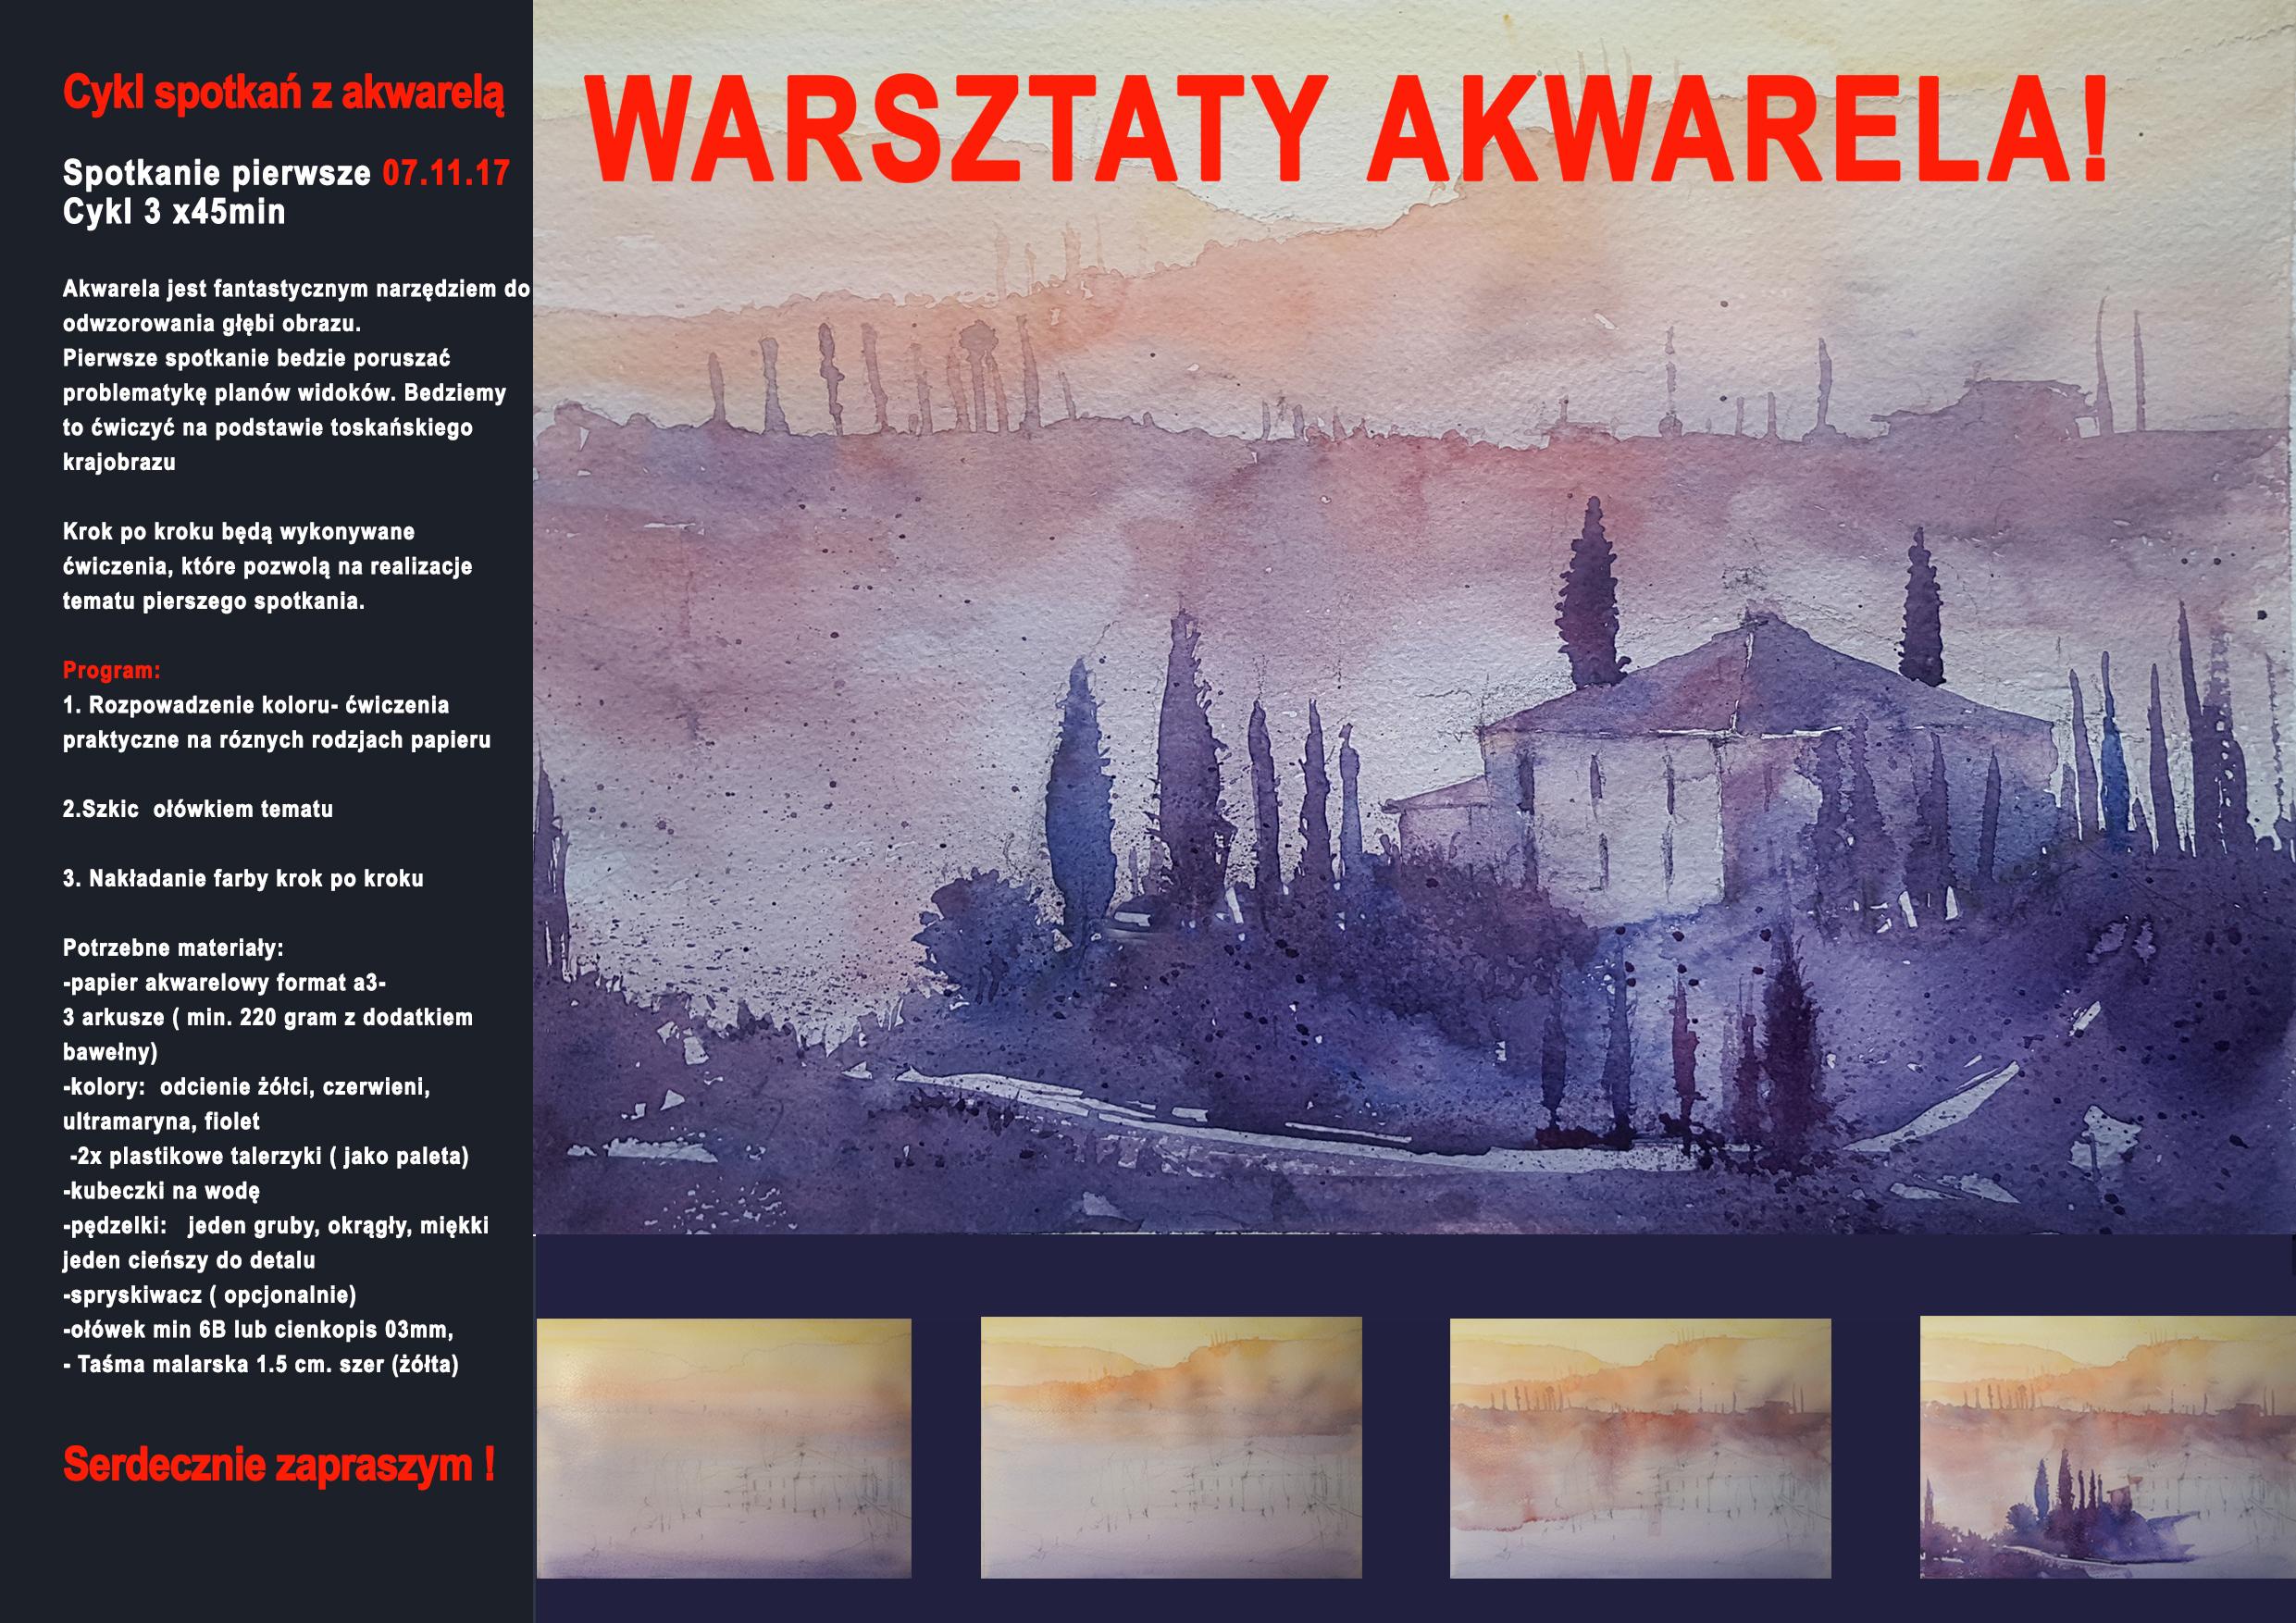 spotakanie_1 plakat